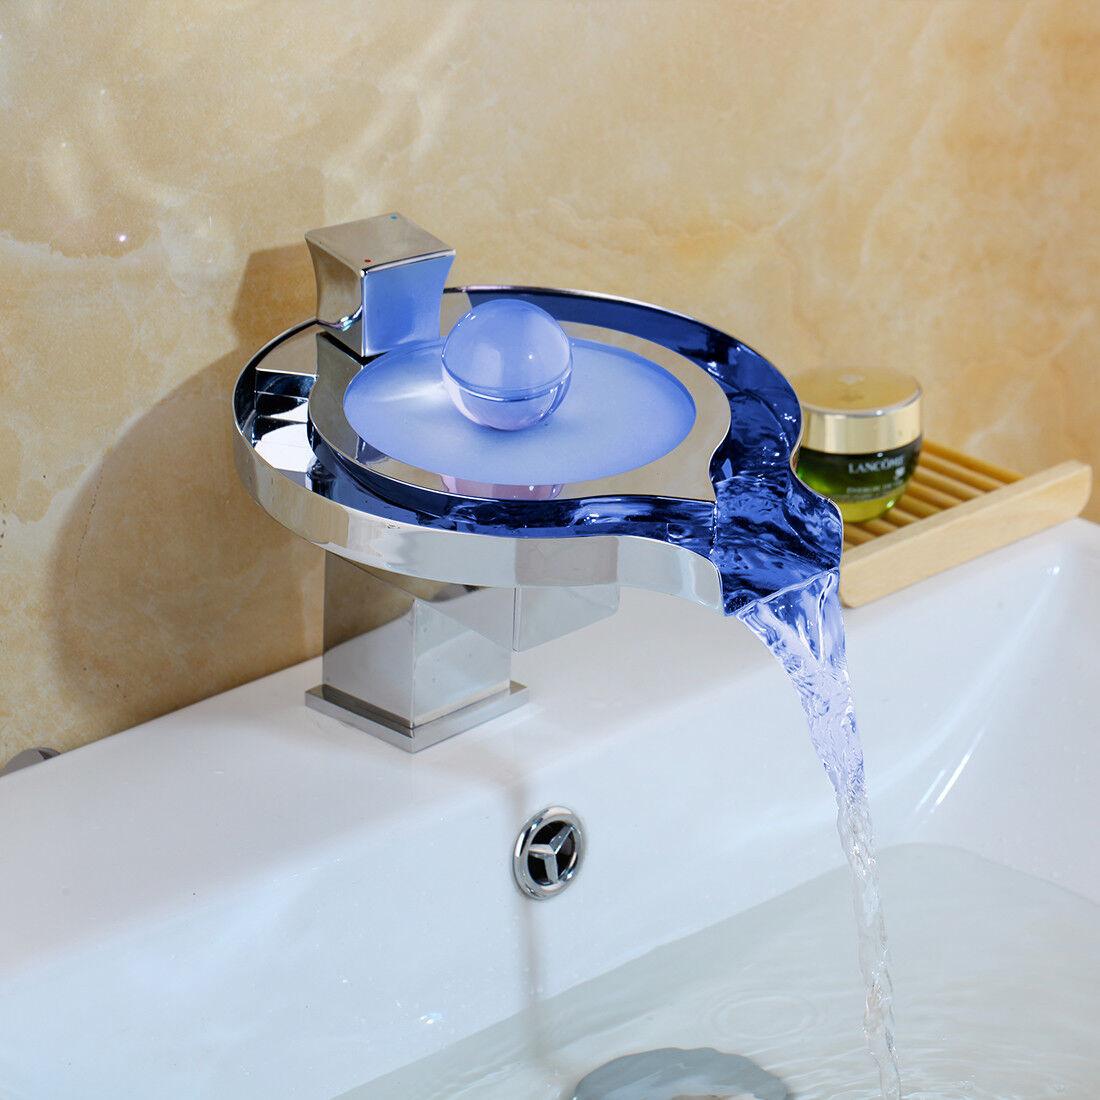 Rubinetto per lavabo a cascata a LED cromato Rubinetto per lavabo a incasso quad